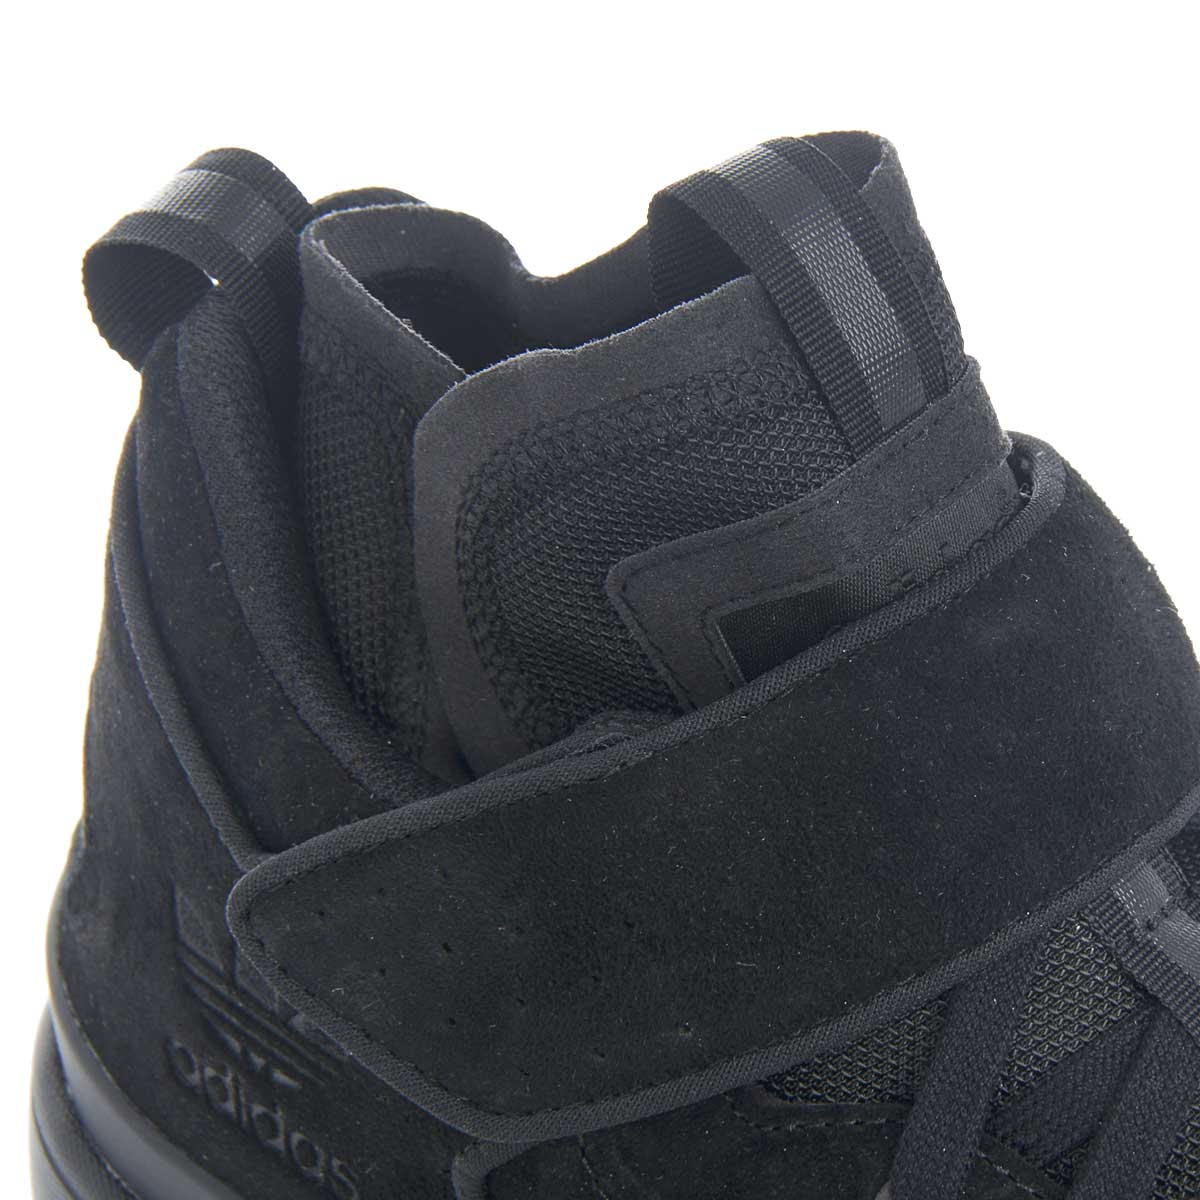 NEU adidas Schuhe Originals Veritas-X Herren Schuhe adidas Schwarz S75641 SALE 084ca1